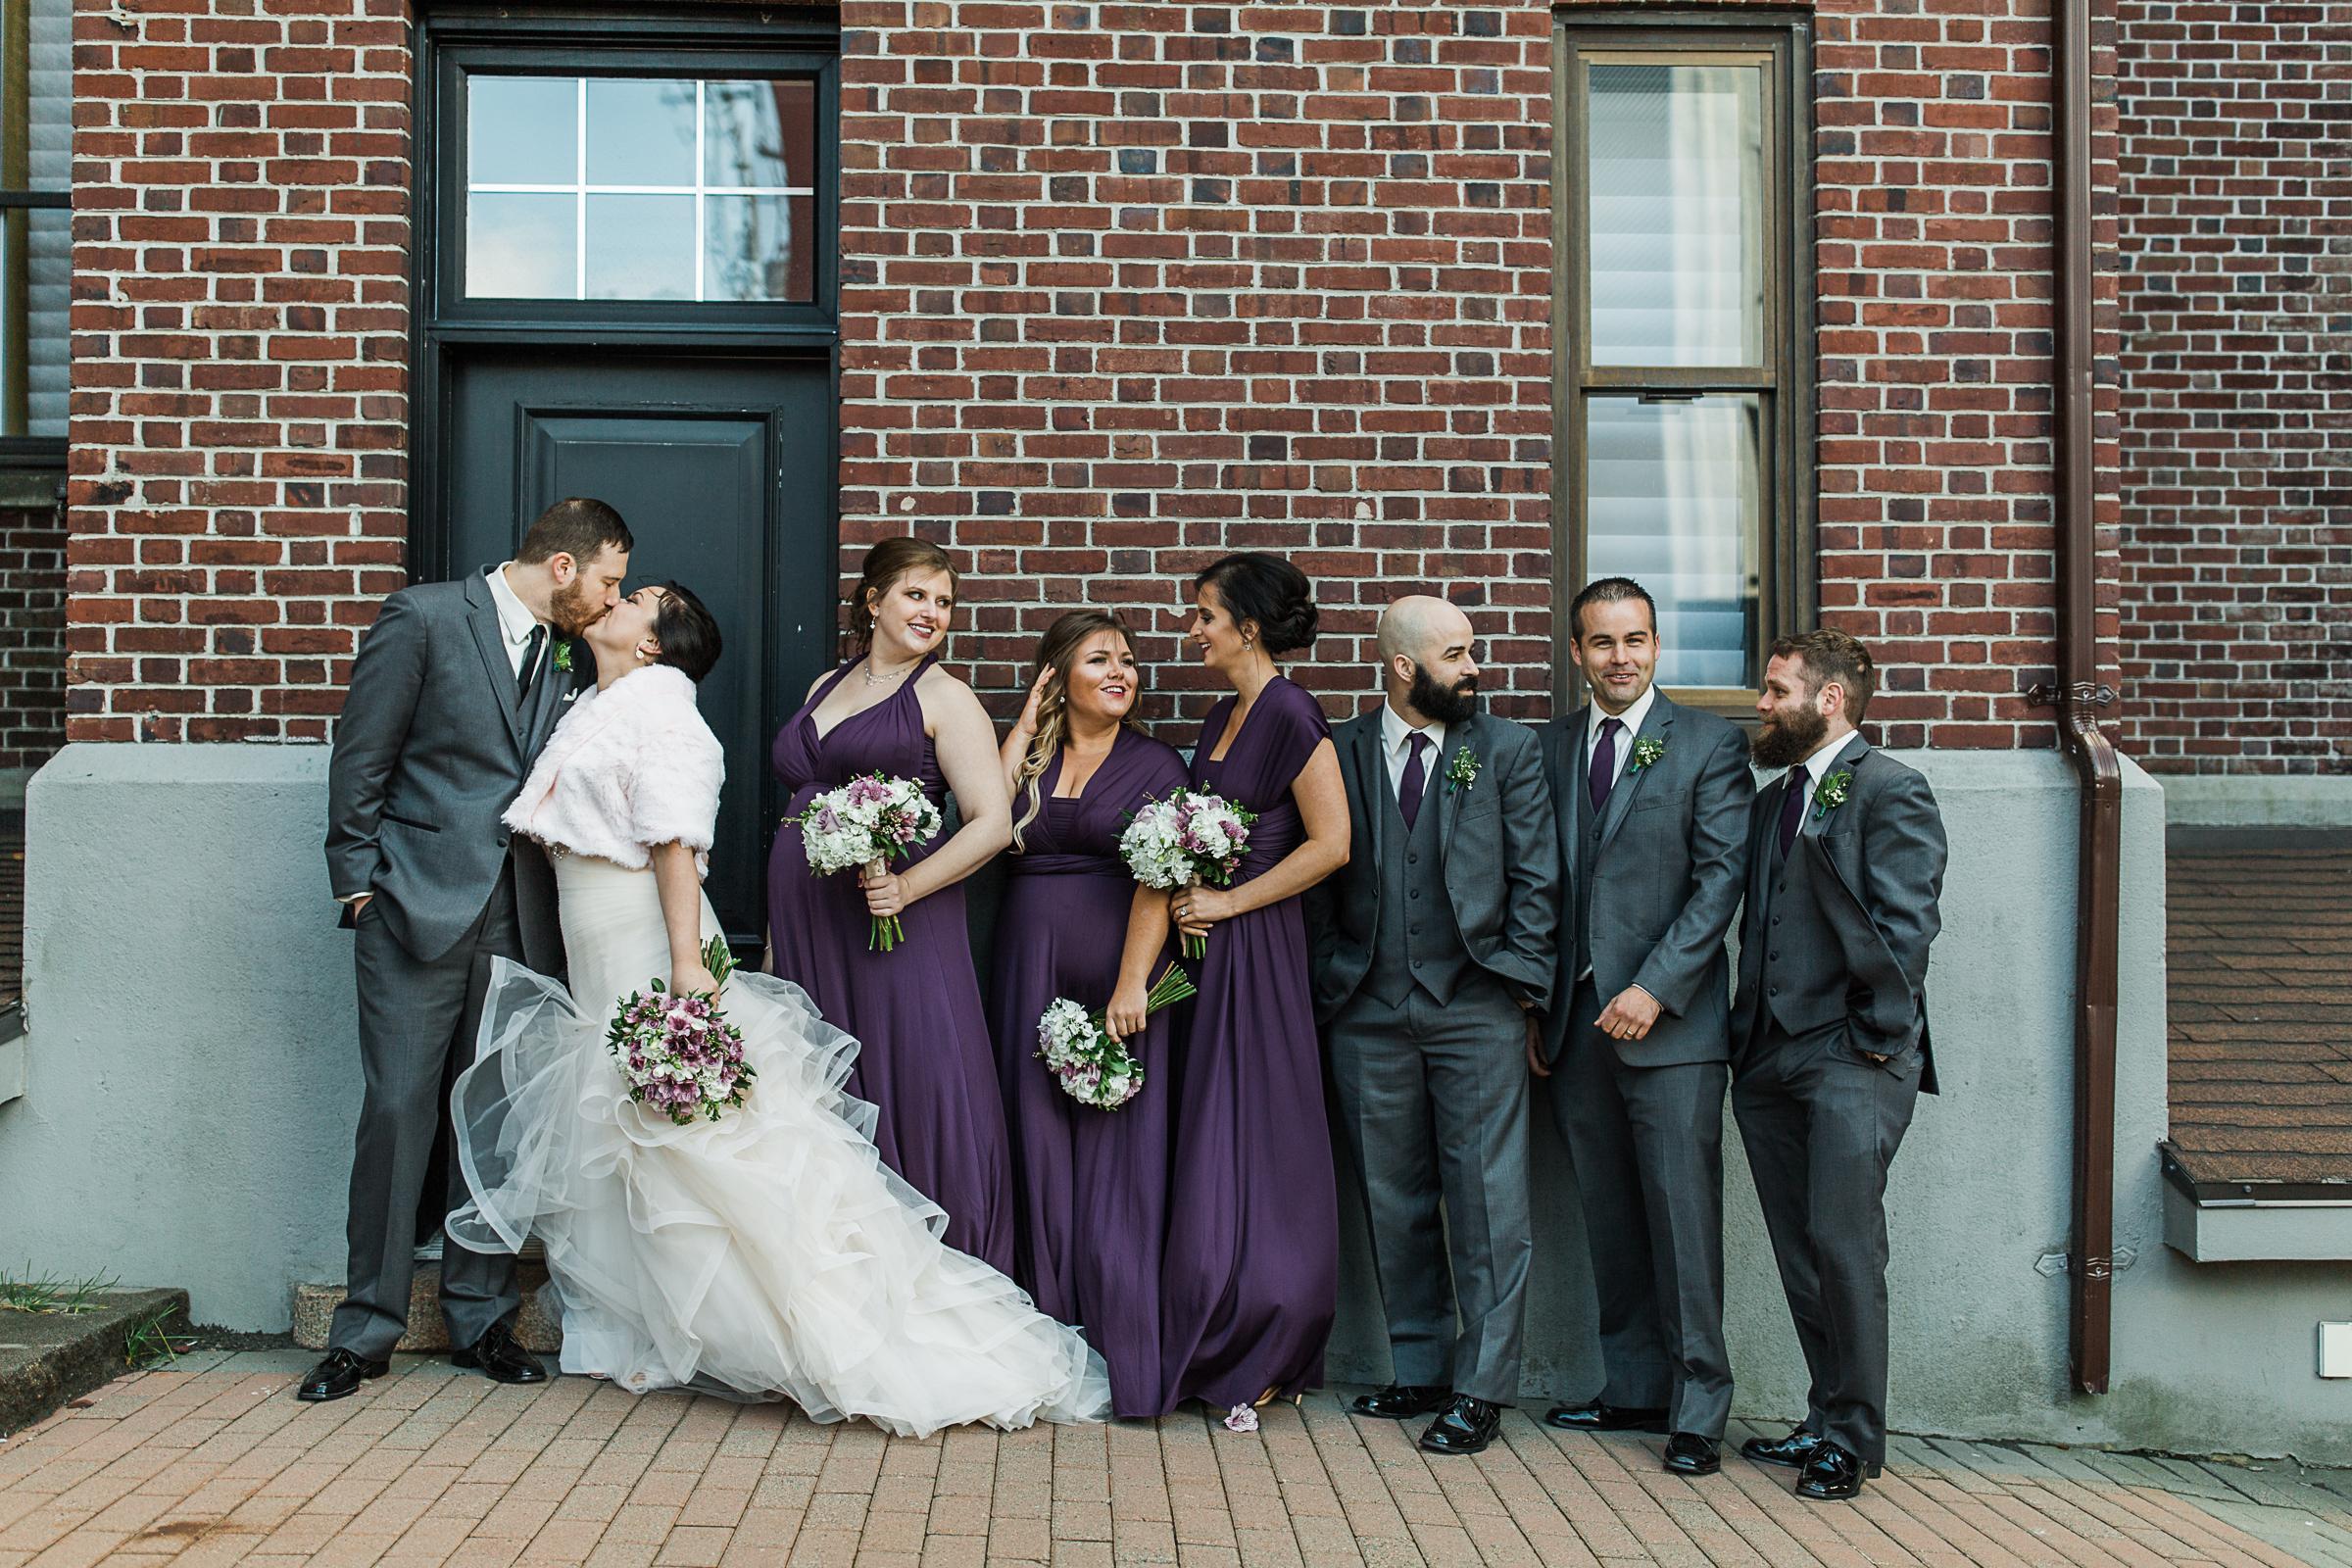 0025st-johns-wedding-photographer-rocket-bakery.jpg